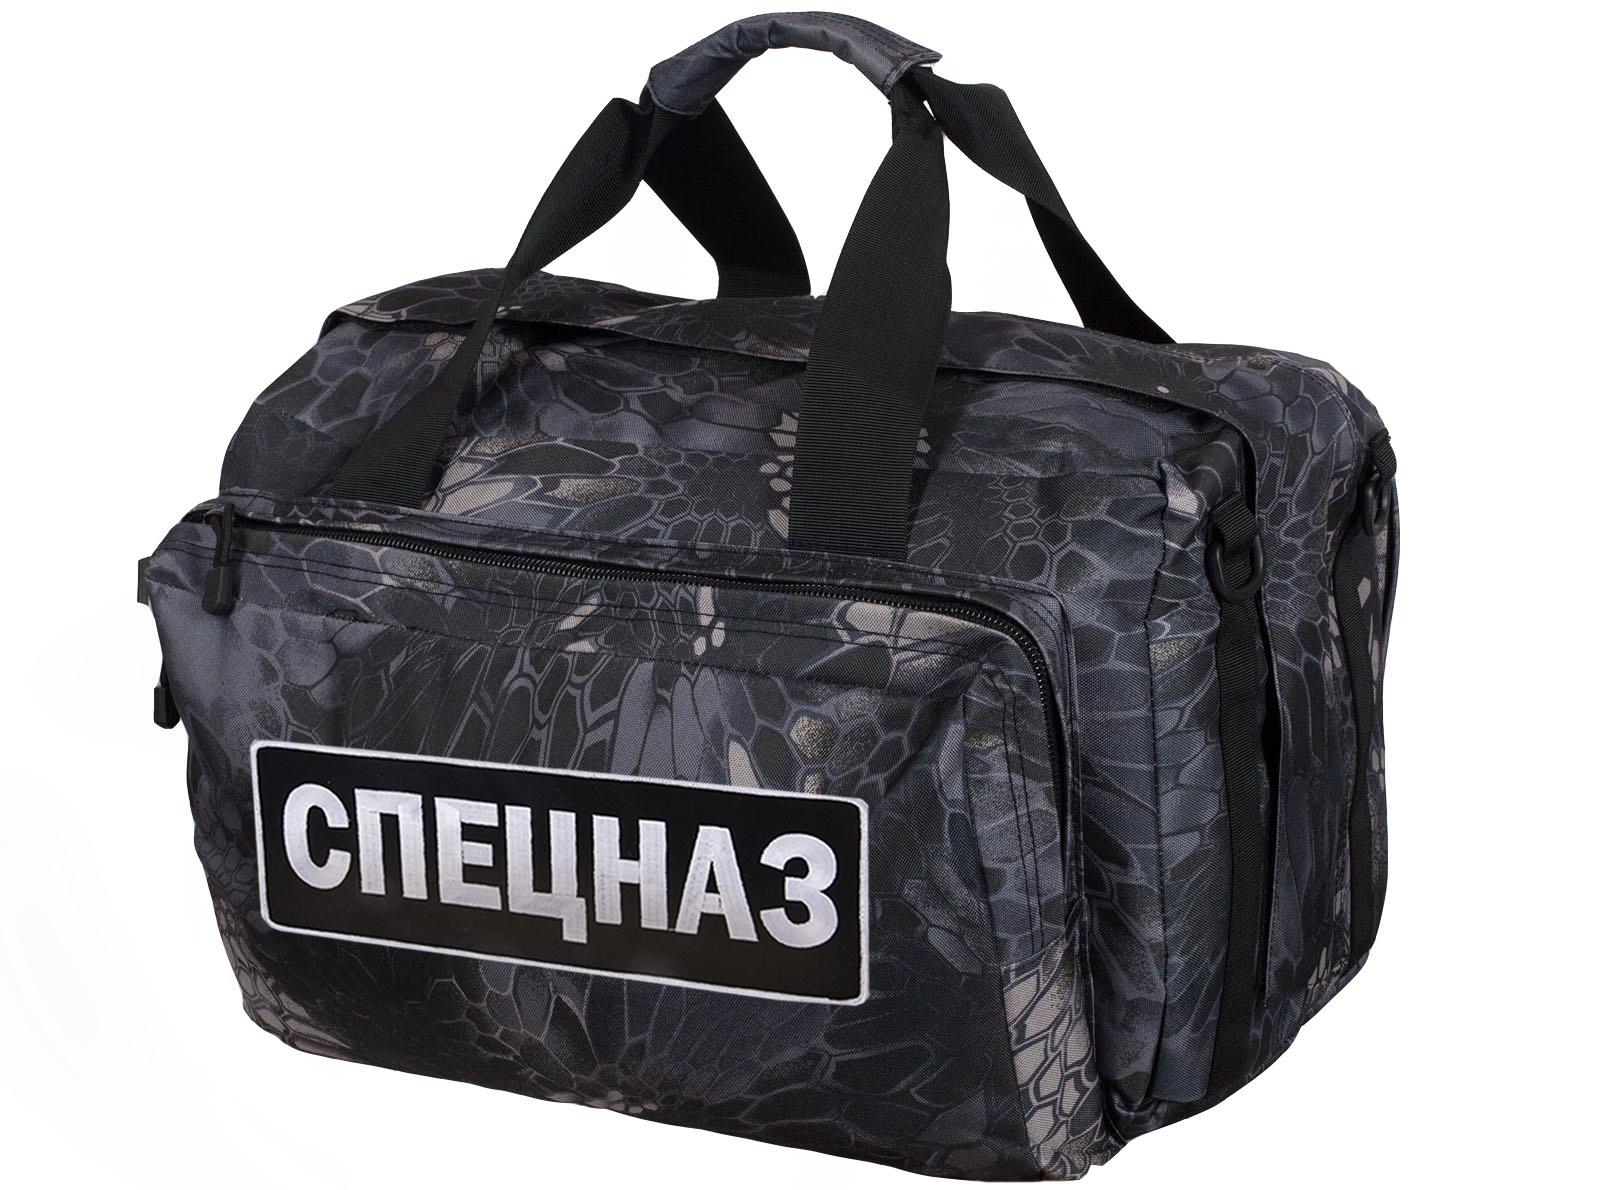 Купить в интернет магазине с доставкой по Москве сумку рюкзак Спецназа